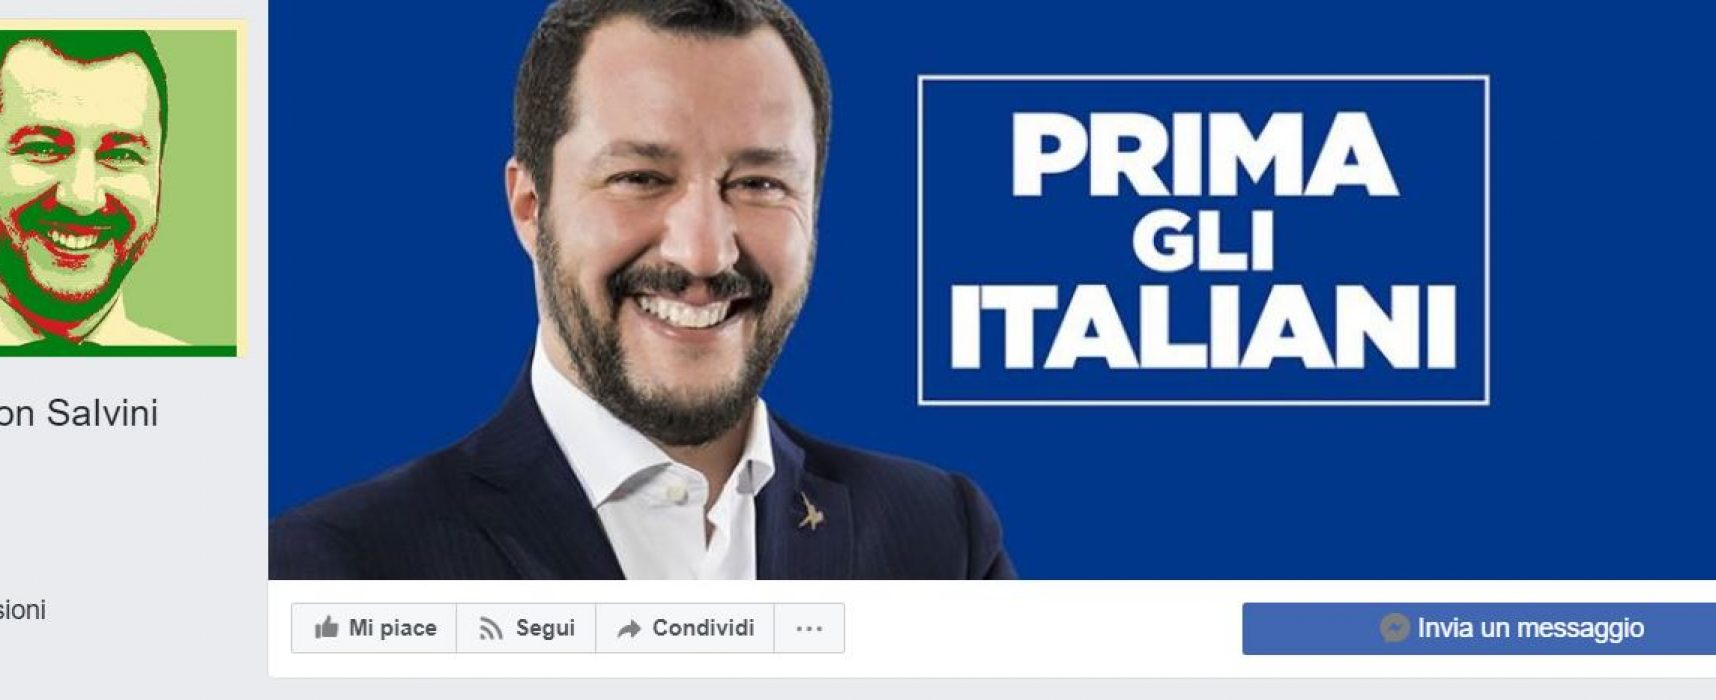 Le parole di Salvini stimolano gli irredentisti trentini ed il governo austriaco